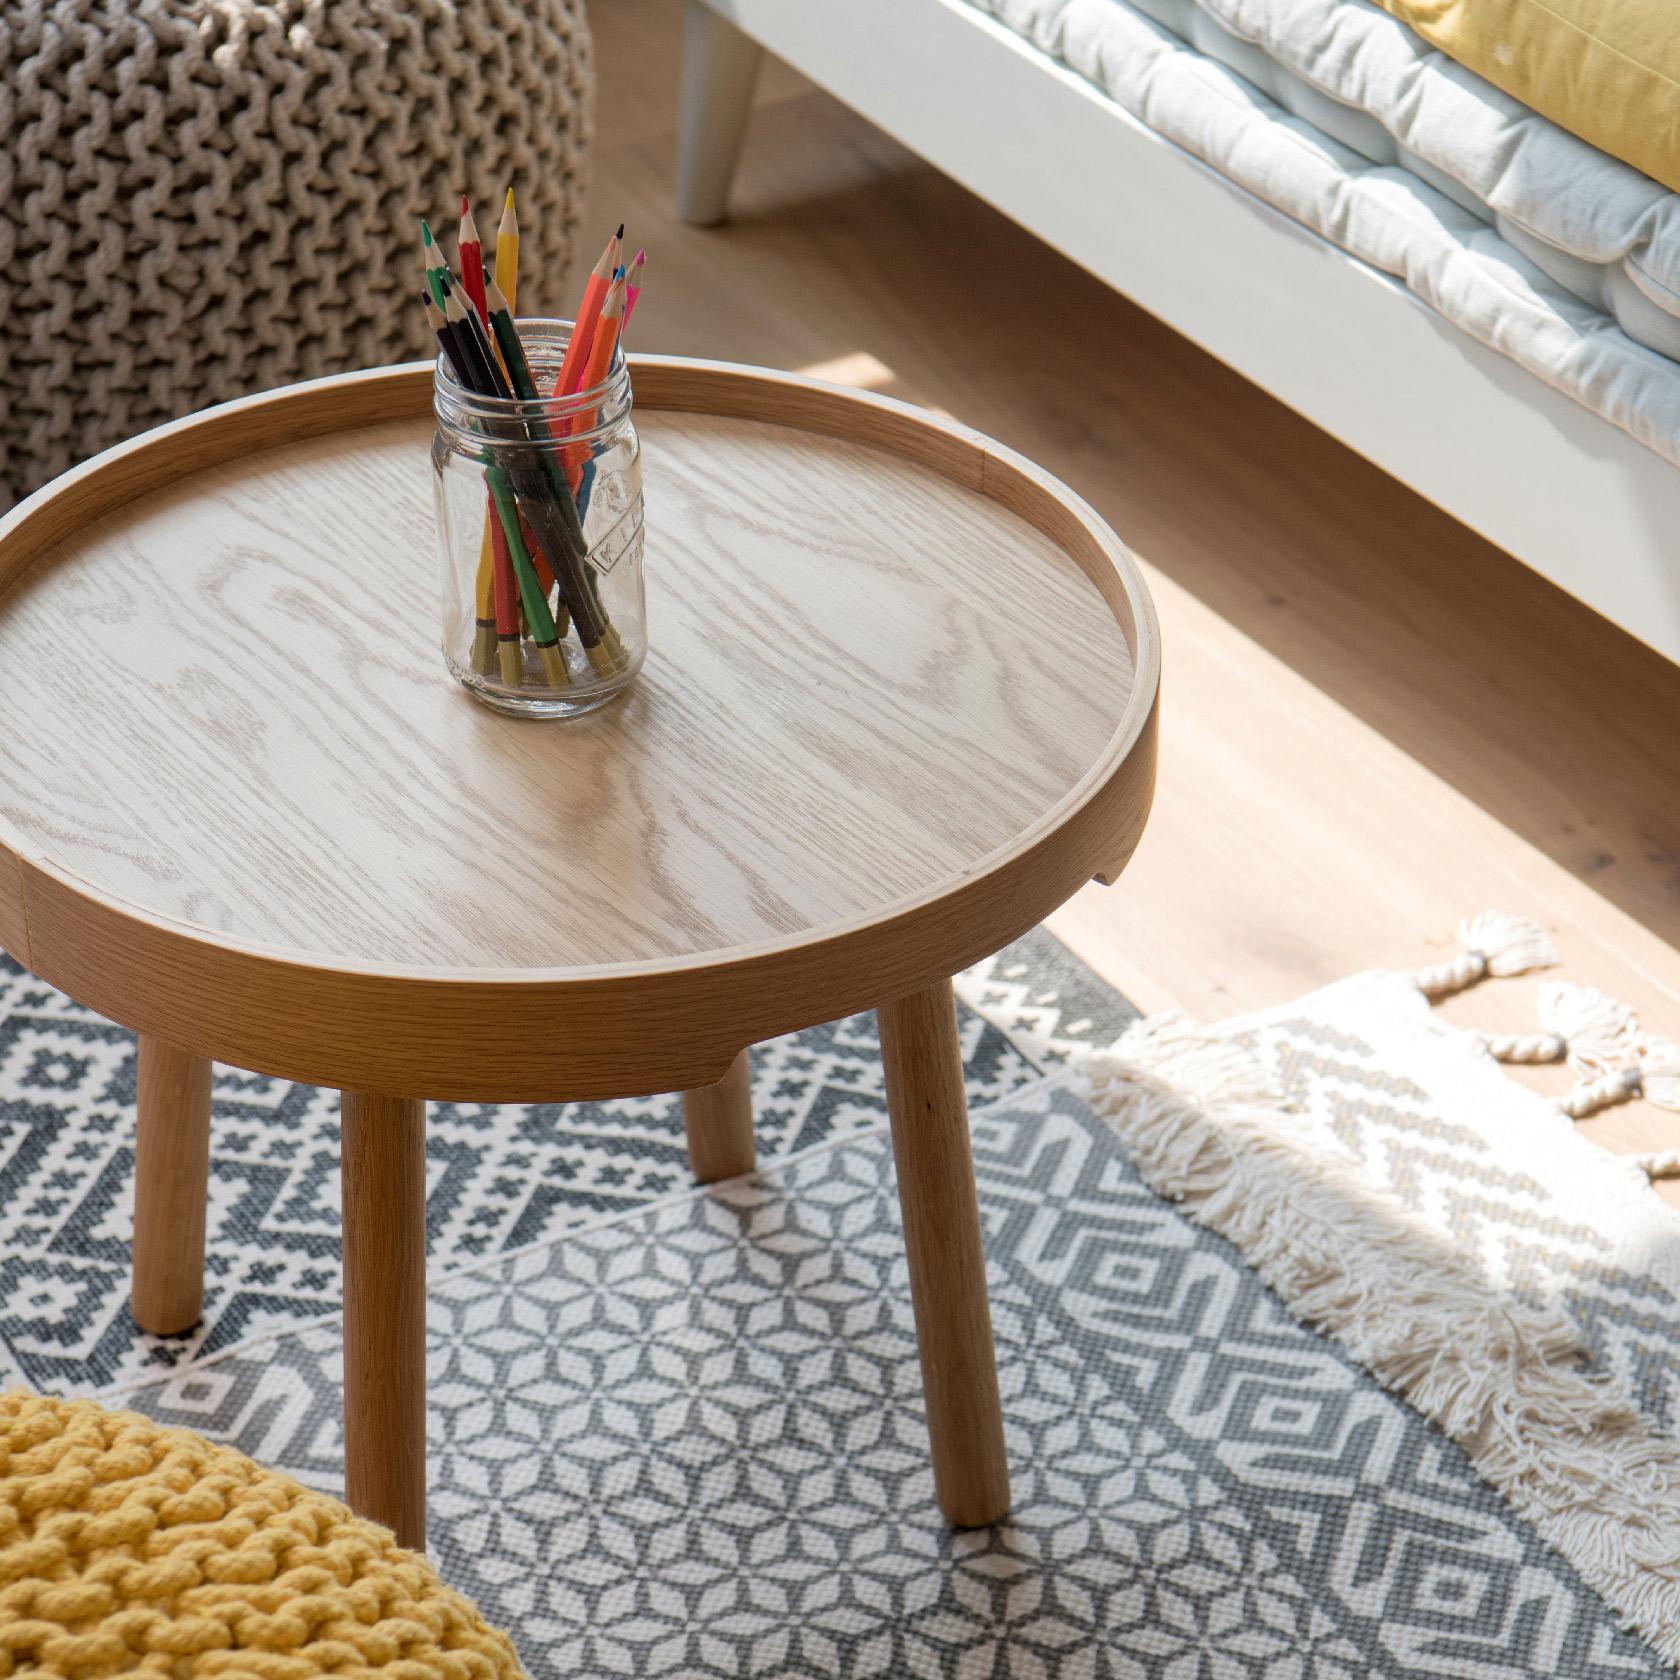 Une chambre d'enfant très bohème avec ses tables basses et ses tapis à motifs variés.